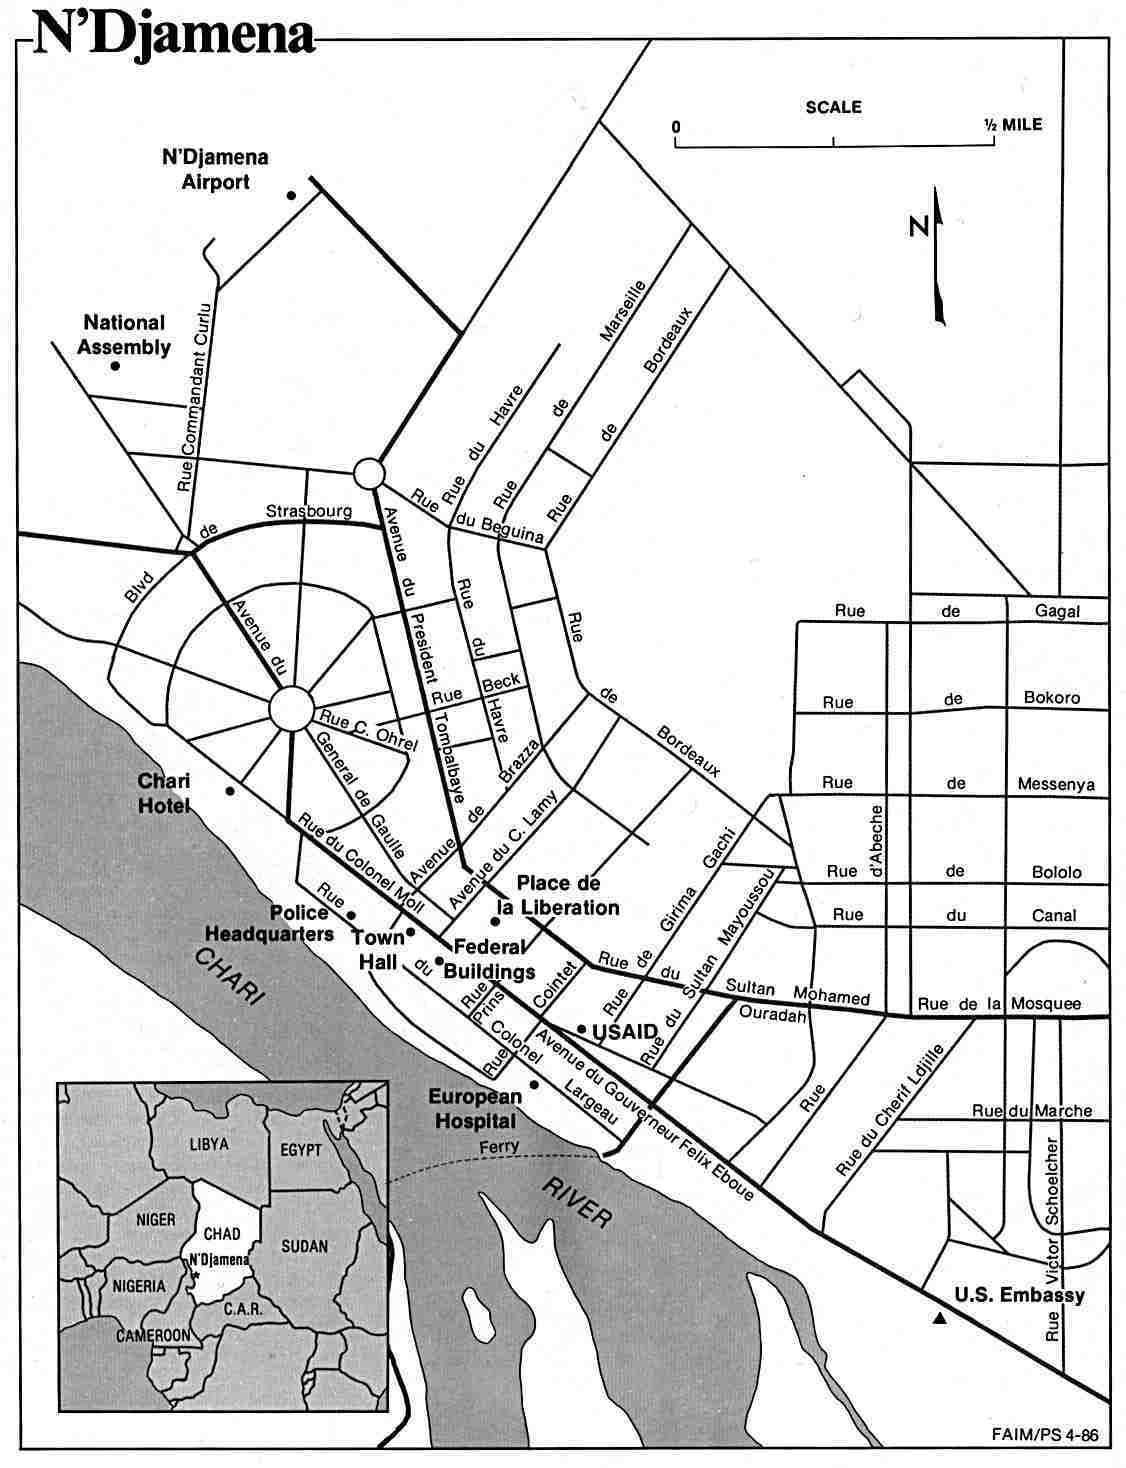 Mapa de la Ciudad de Yamena, Chad